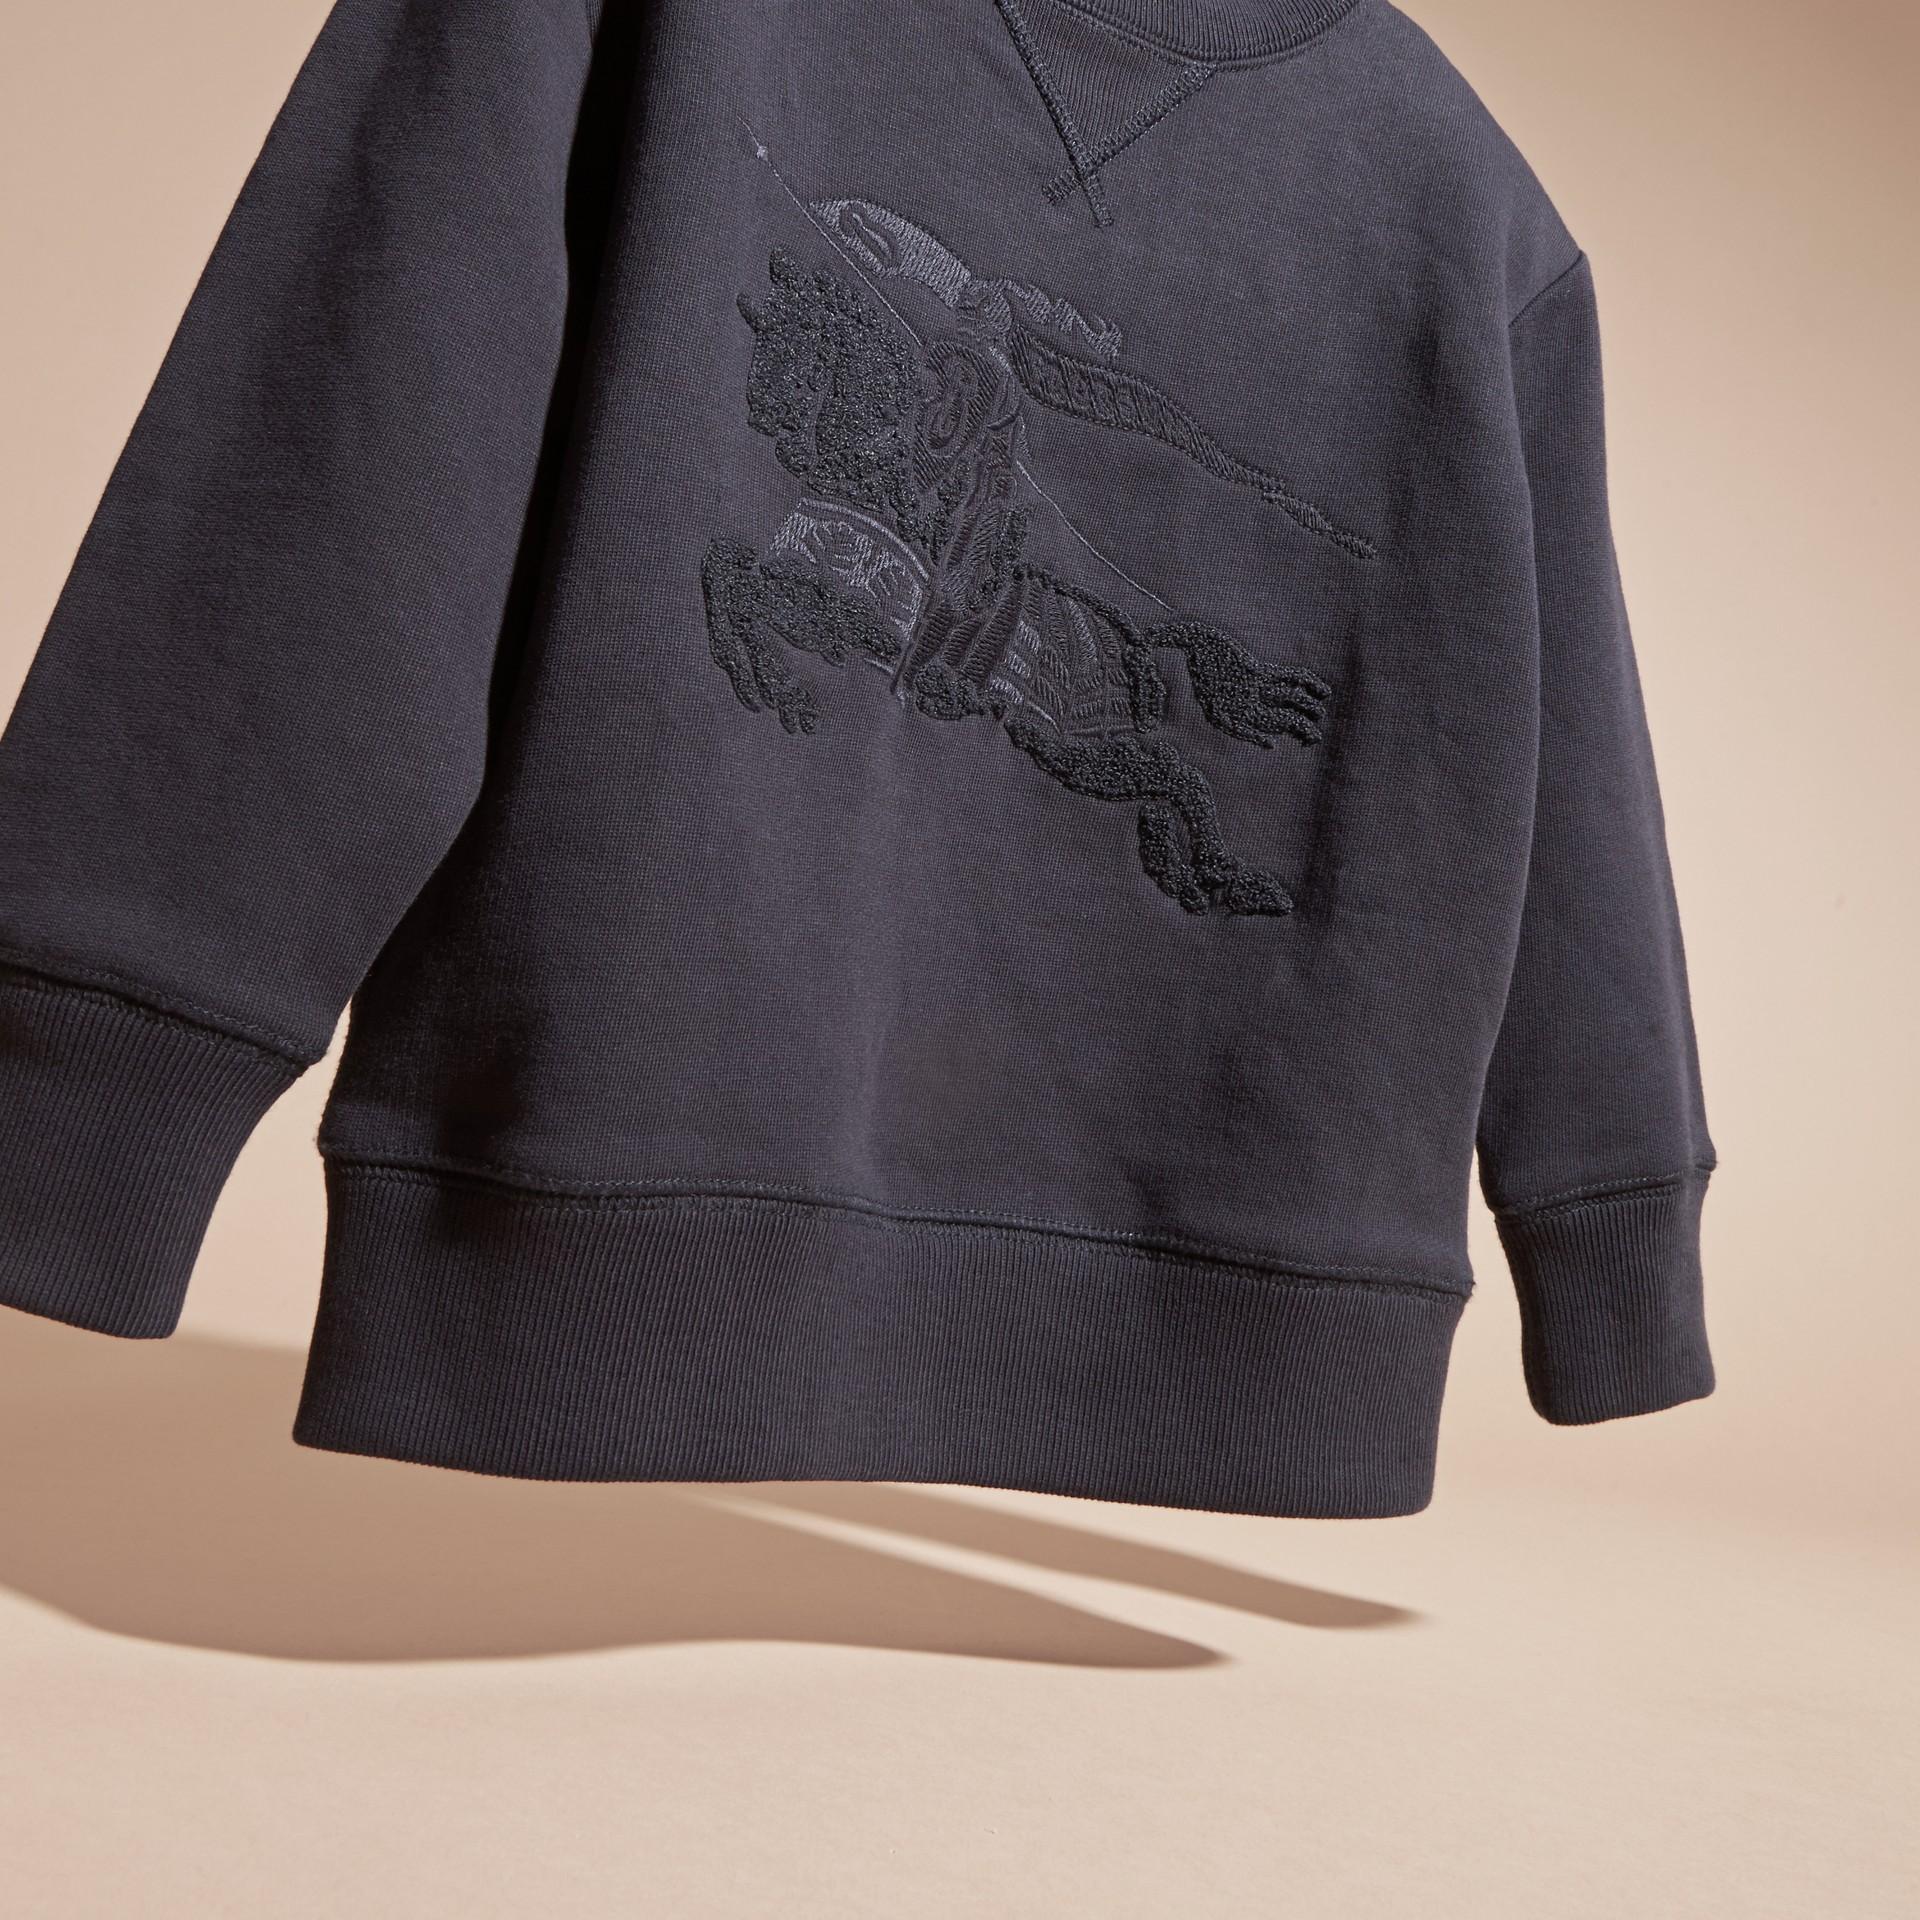 Dark navy Equestrian Knight Detail Cotton Sweatshirt Dark Navy - gallery image 3